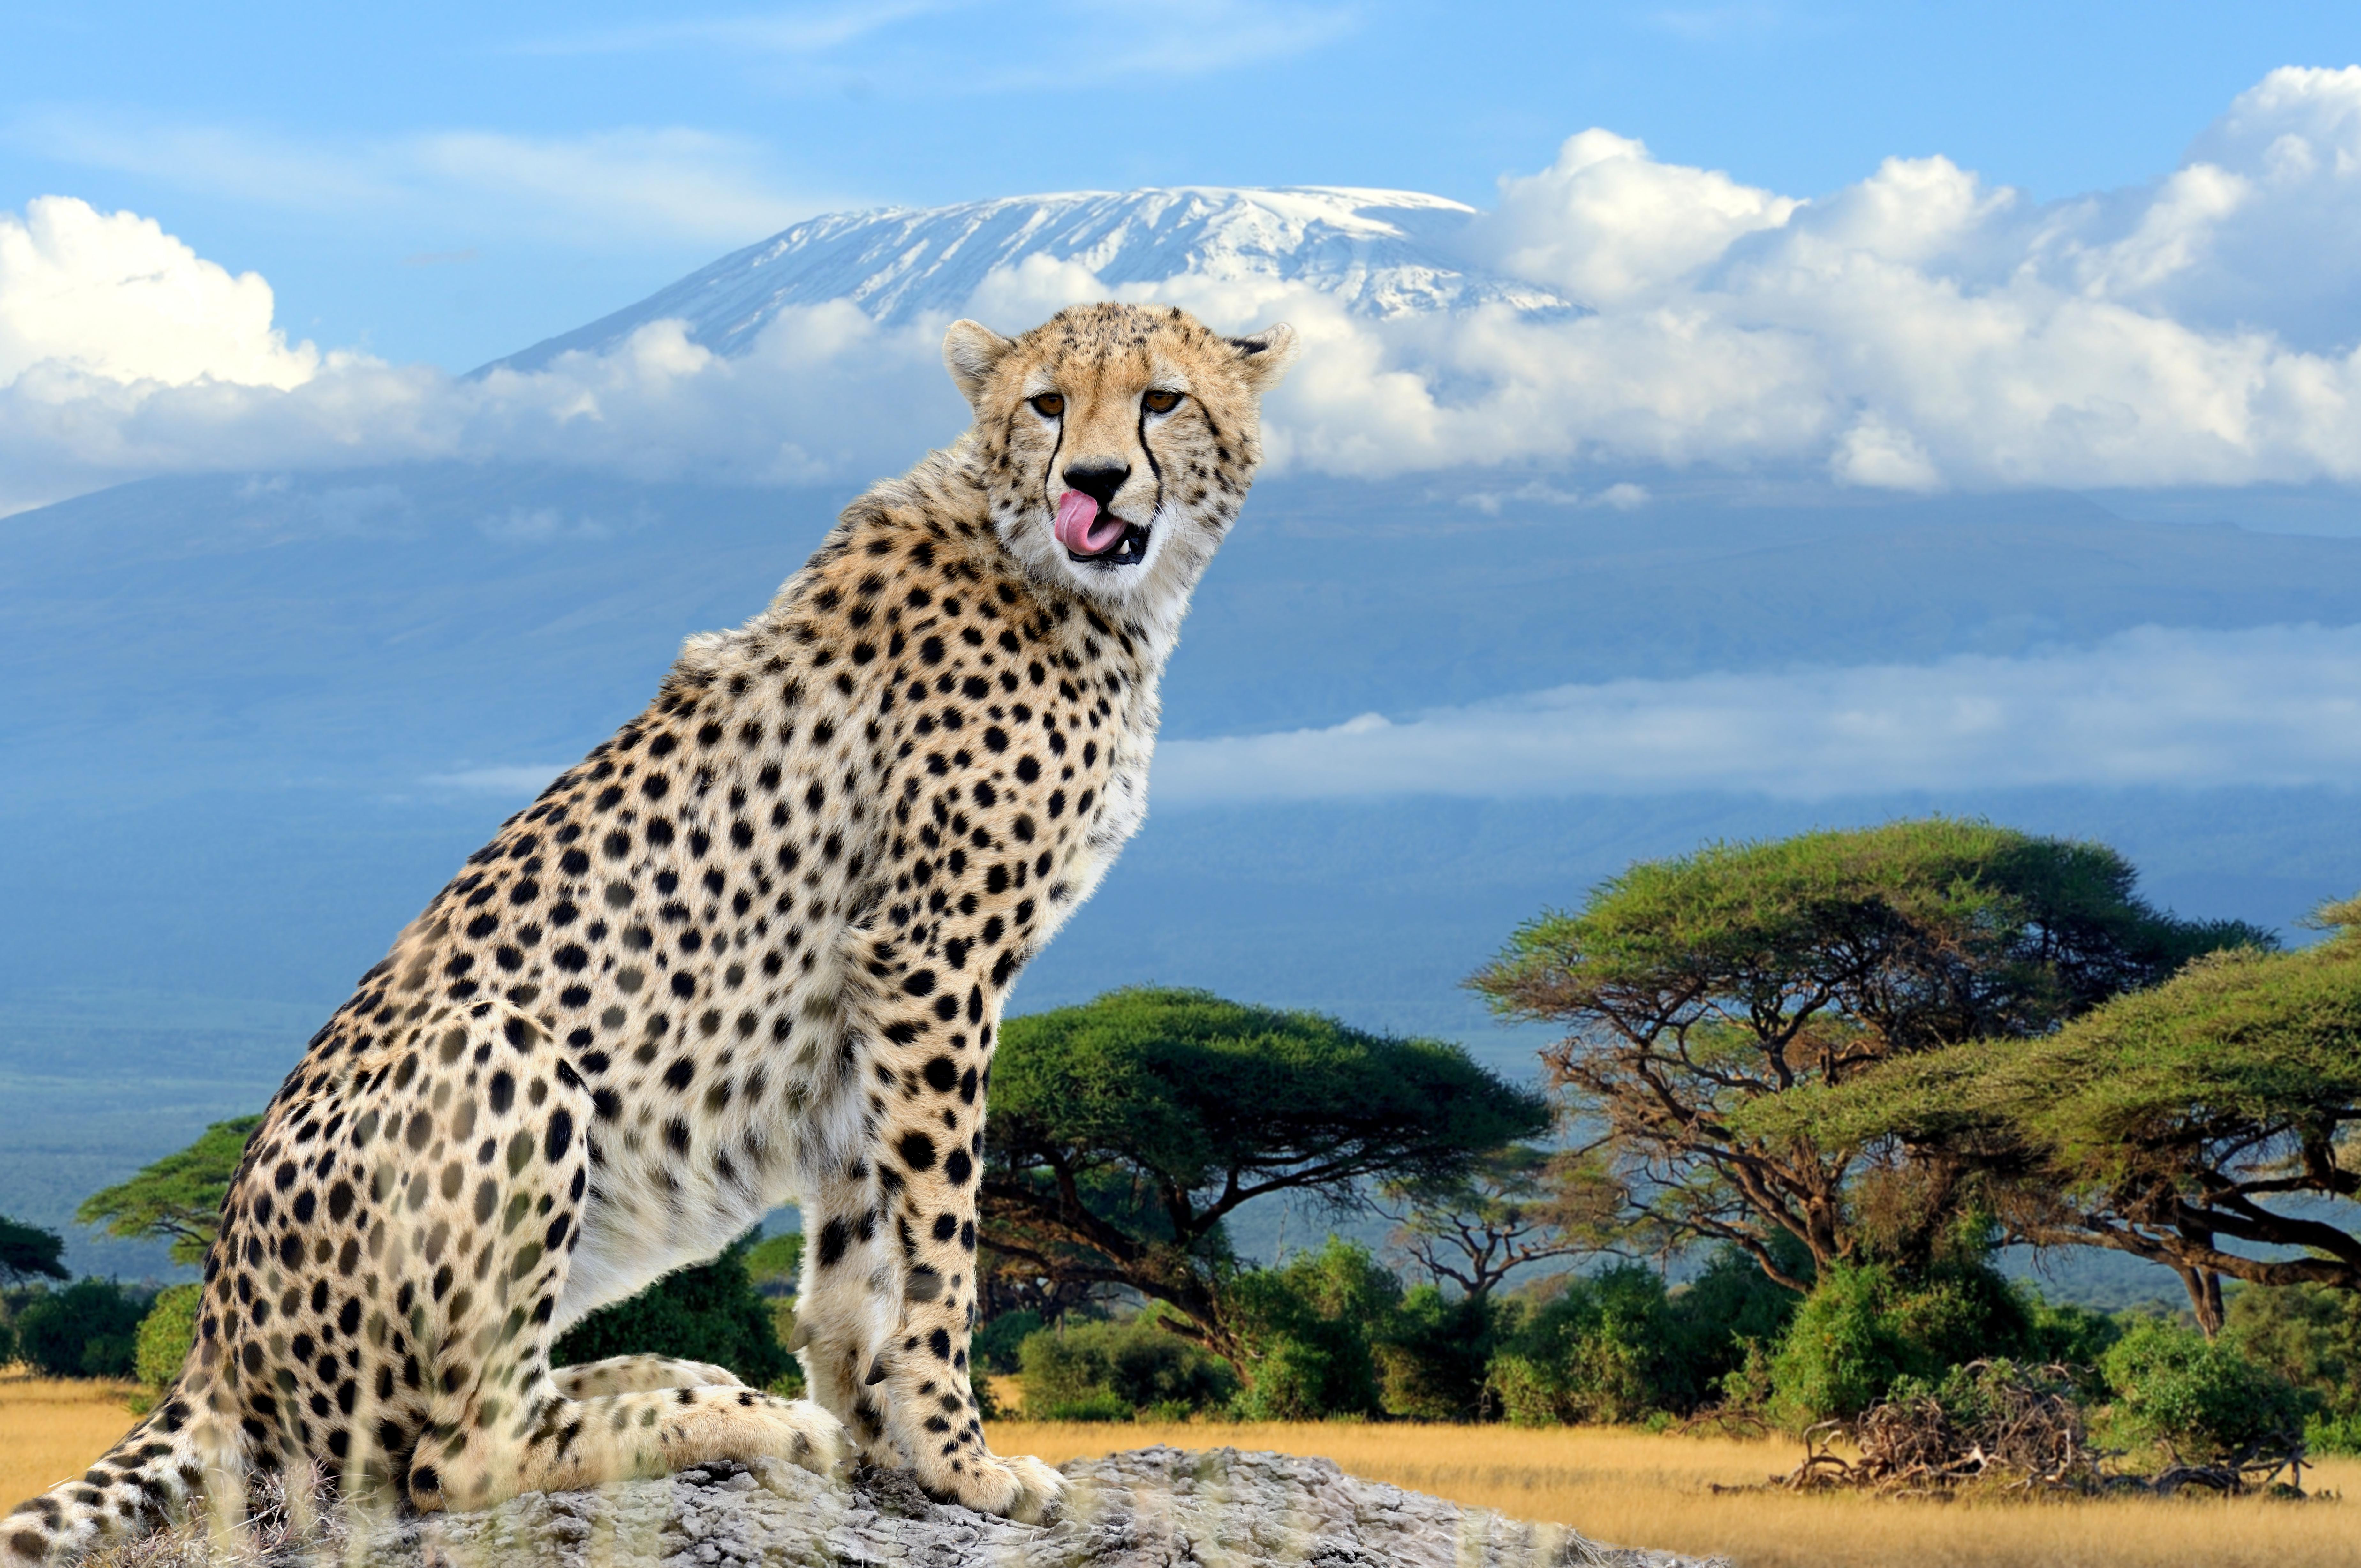 Kenia: 7 Dagen Across Kenia on Economy in groepsverband (lekker goedkoop!)